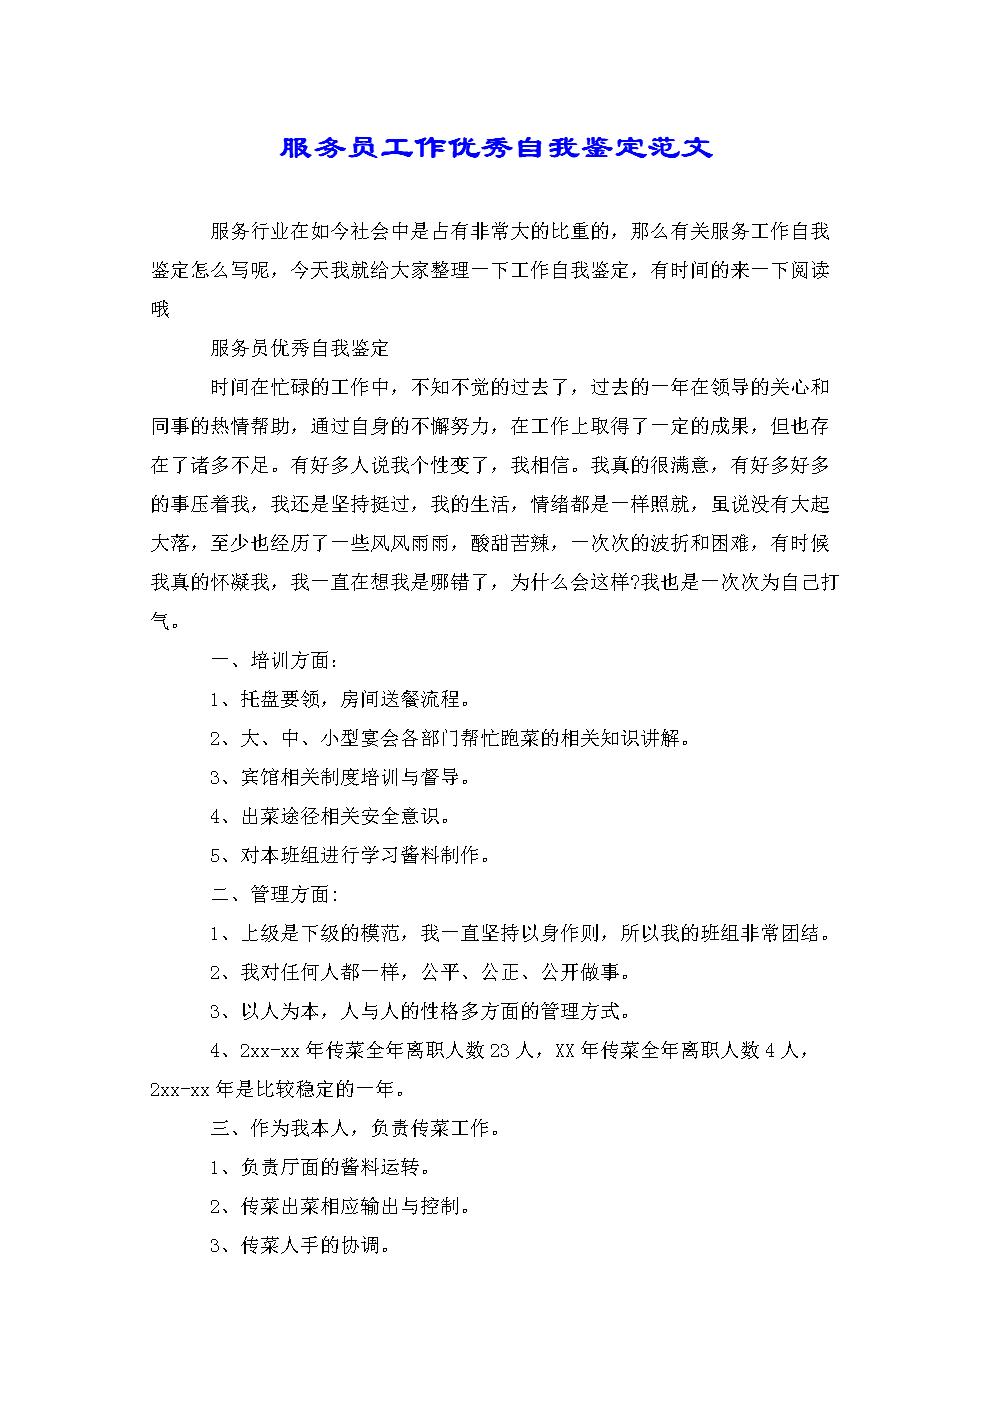 服务员工作优秀自我鉴定范文.doc